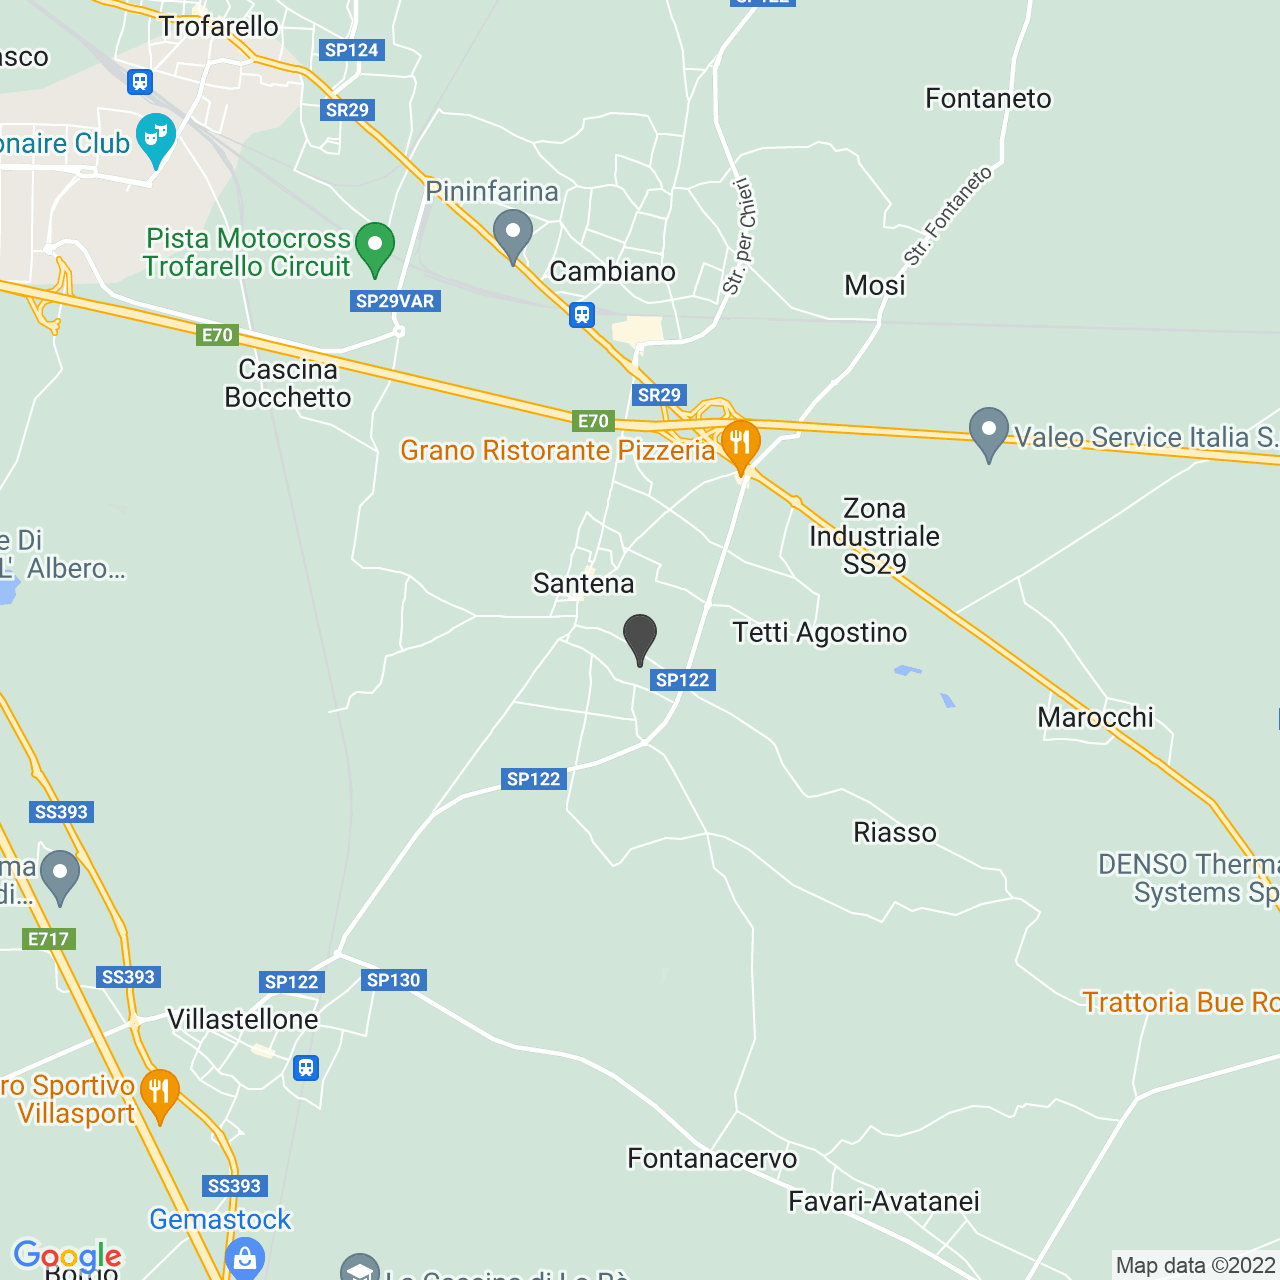 CROCE ROSSA ITALIANA - COMITATO LOCALE DI SANTENA - ORGANIZZAZIONE DI VOLONTARIATO